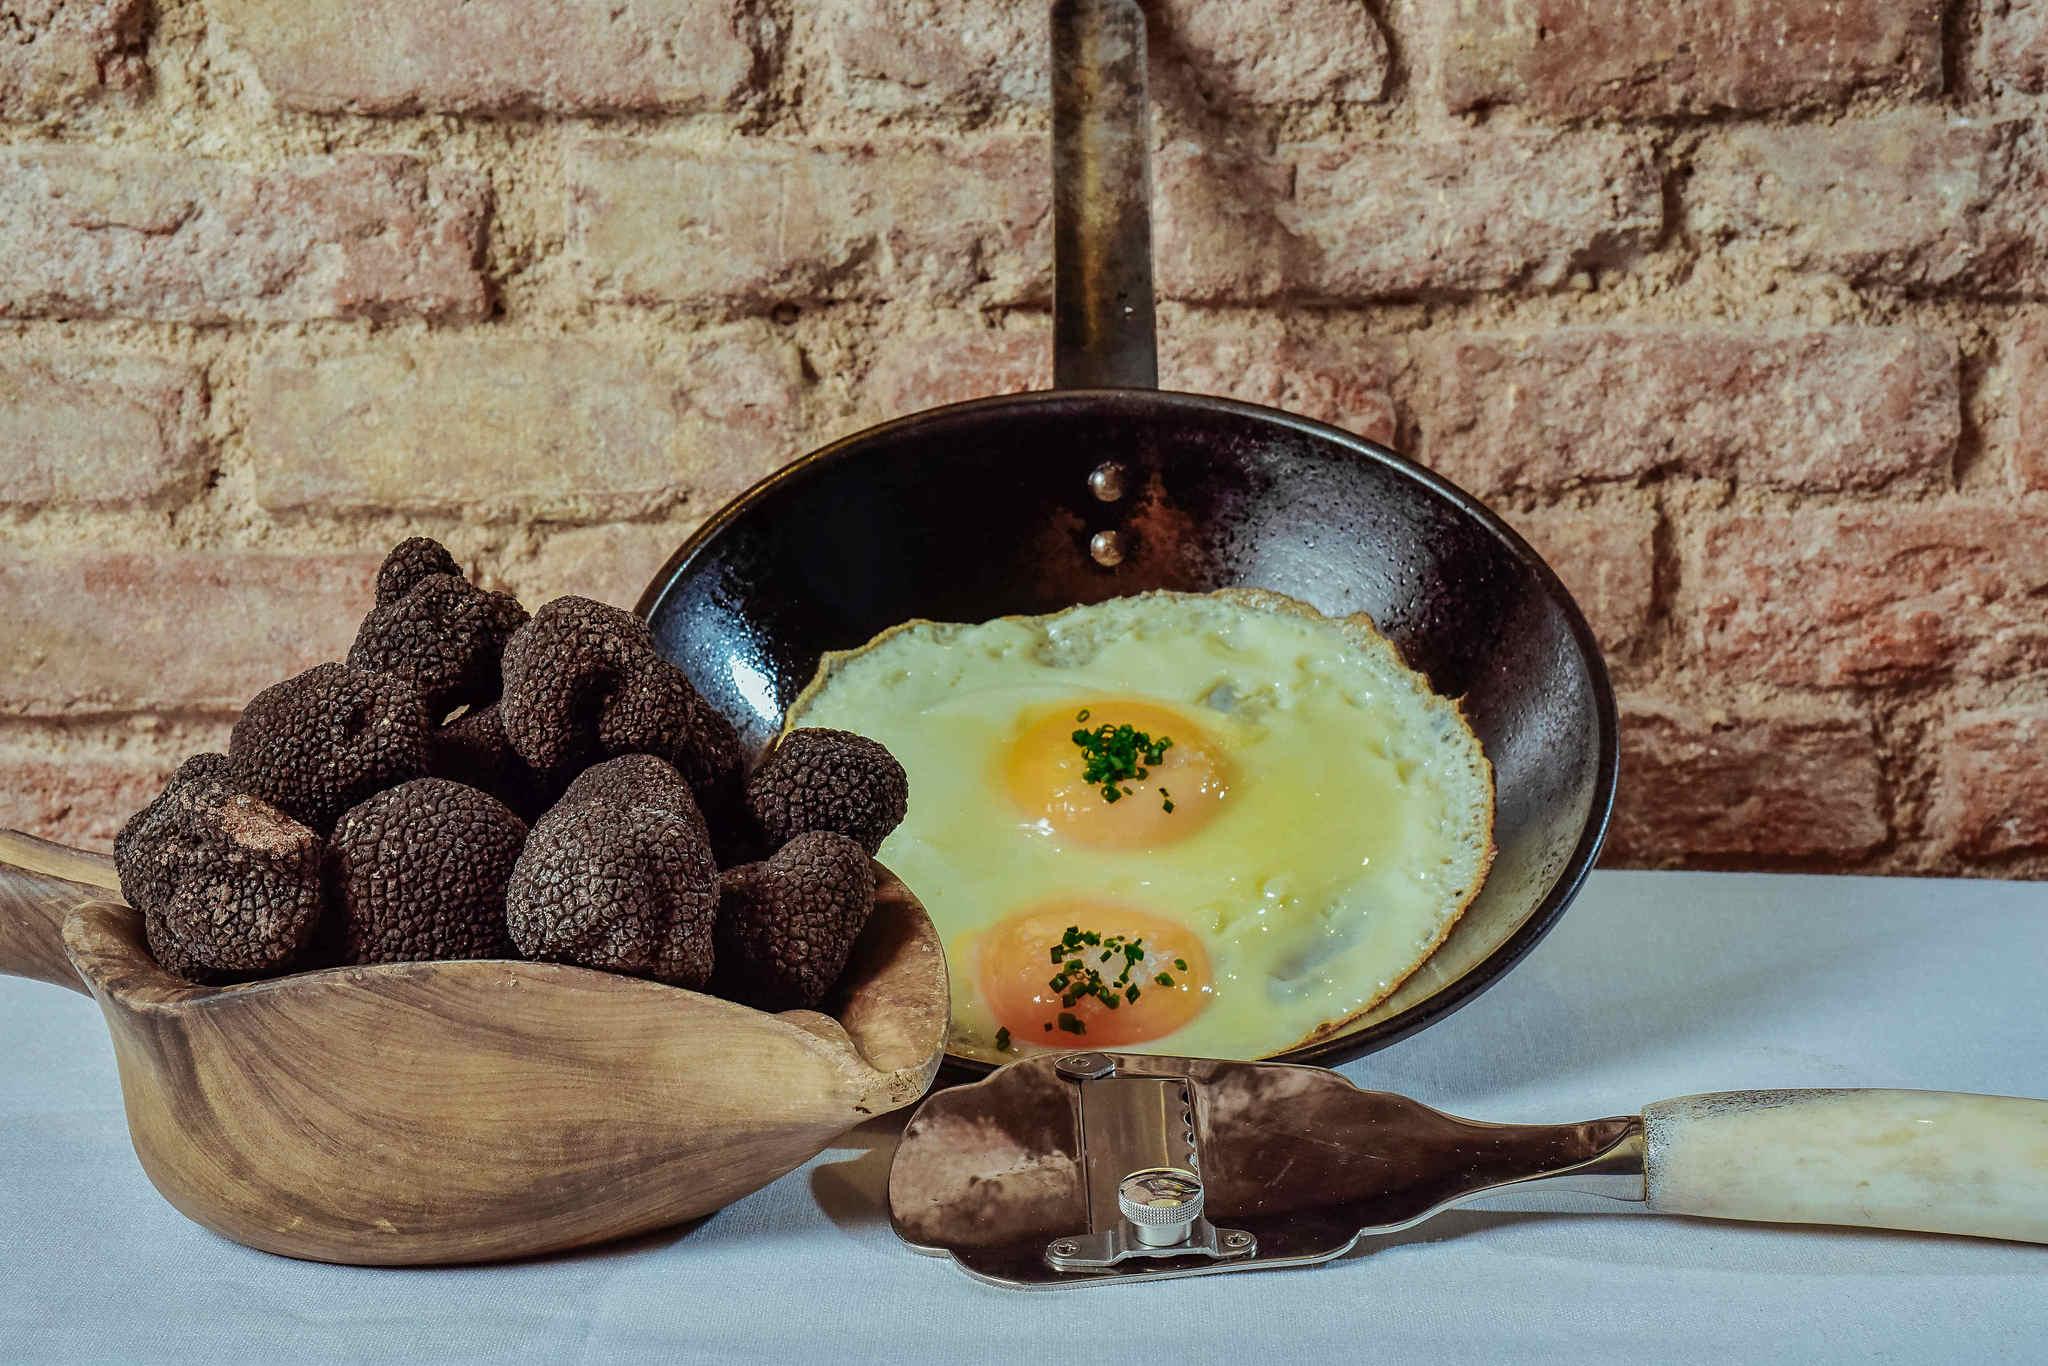 Huevo campero en sartén, sobre mouse de hongos y trufa fresca